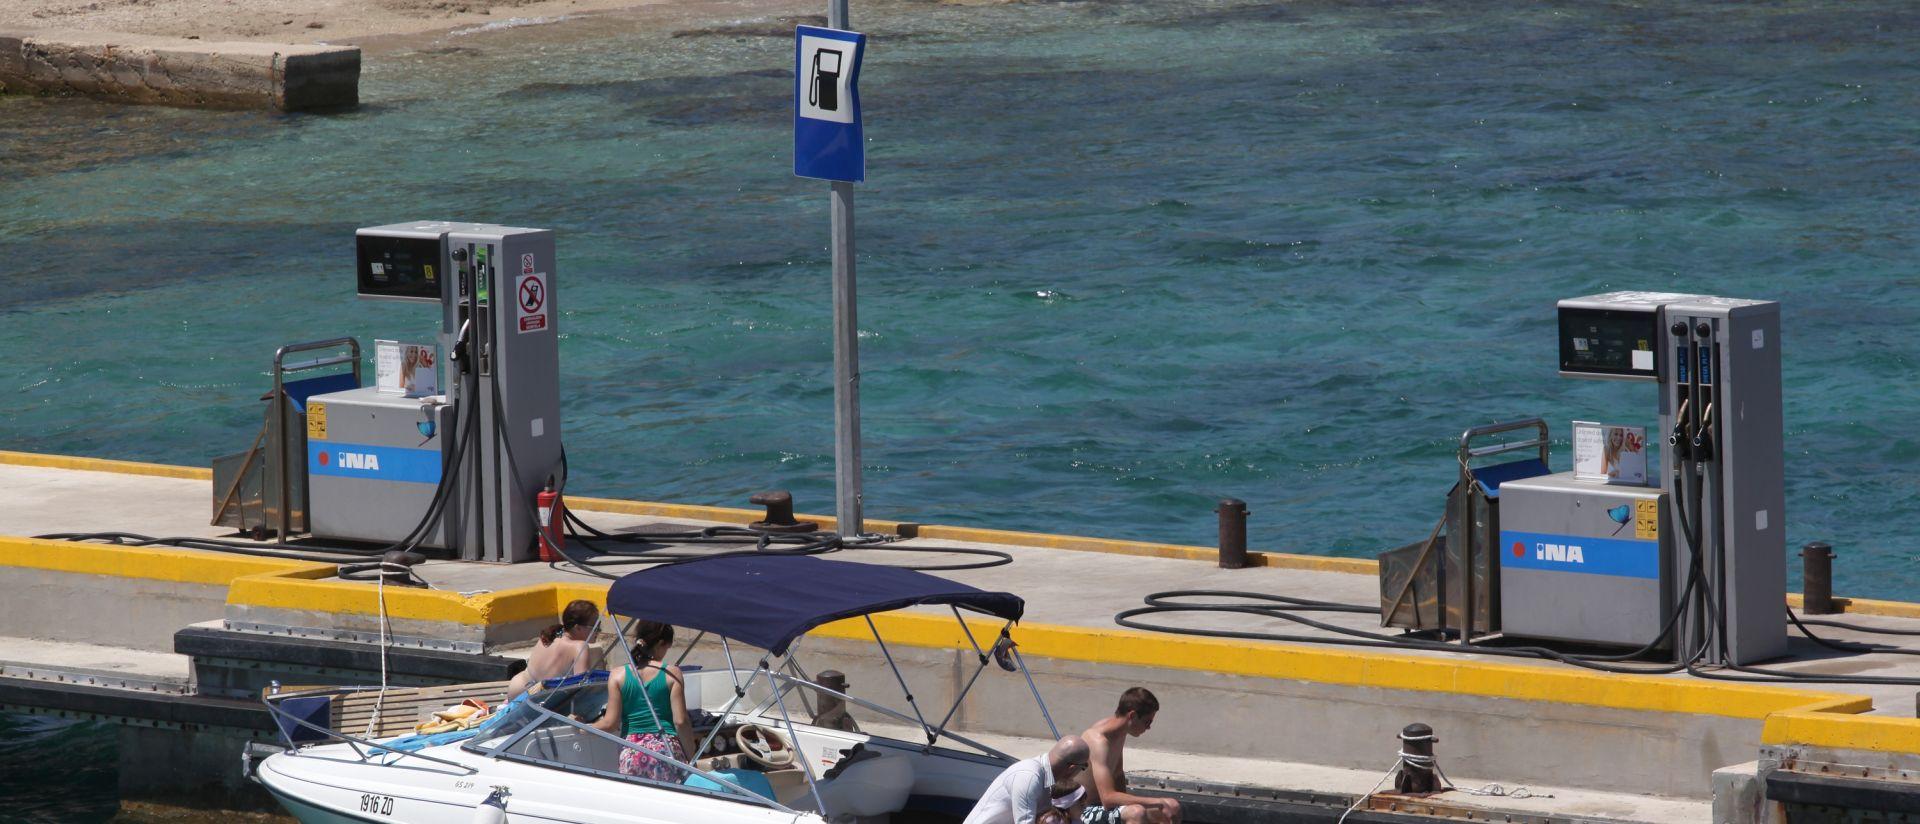 GRADSKO VIJEĆE ŠIBENIKA: Inina benzinska crpka ostaje na rivi